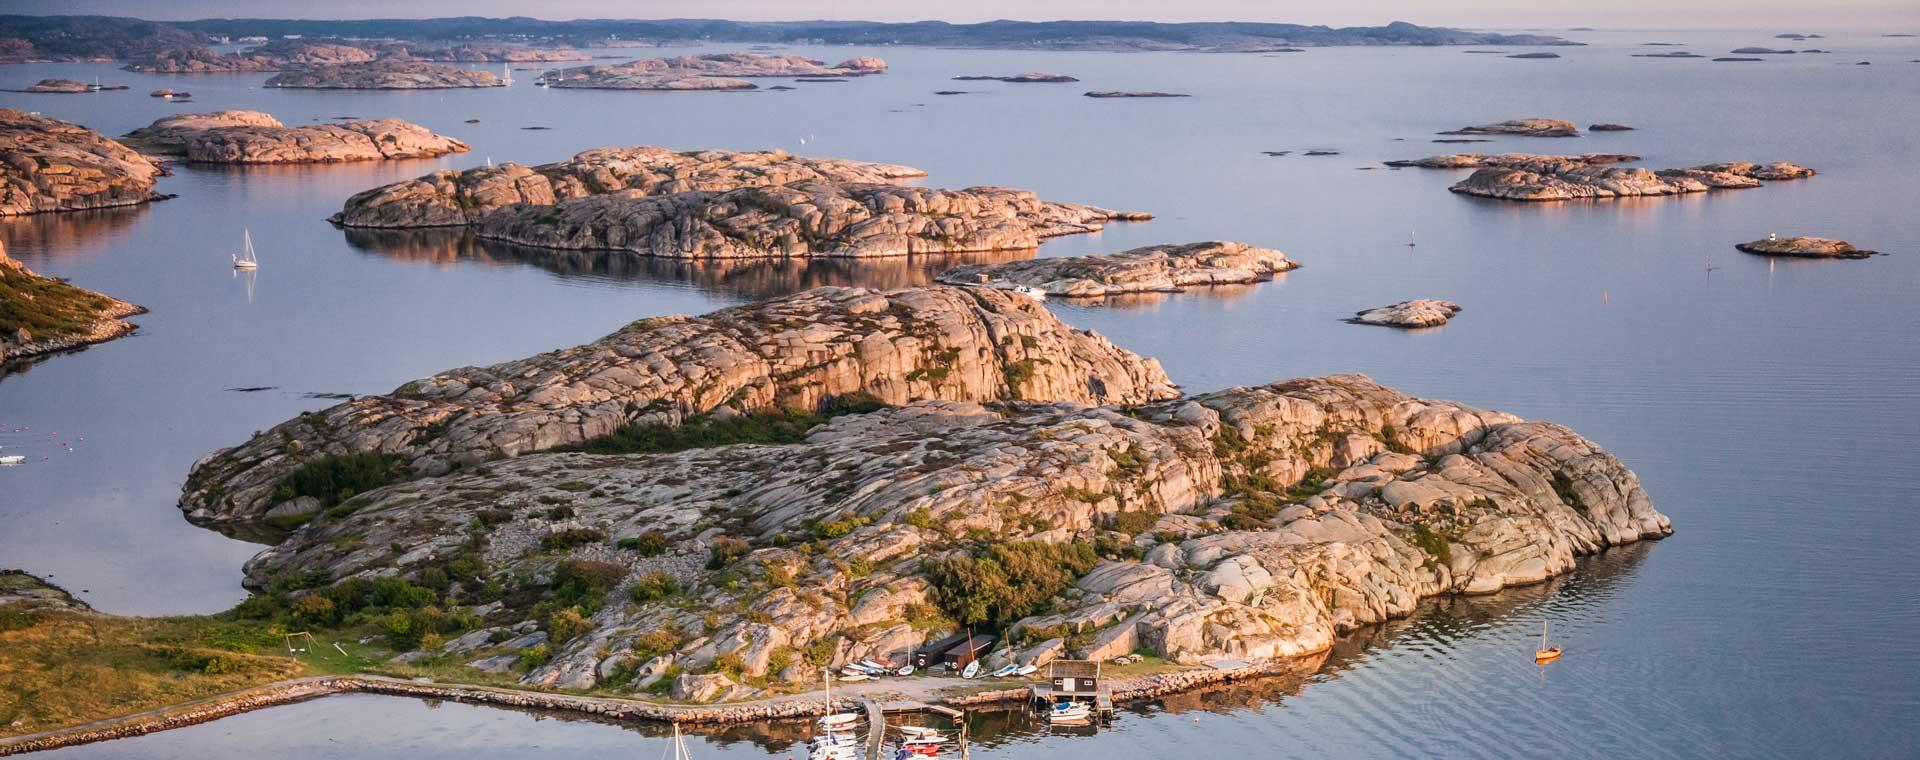 Image Kattegattleden, la côte ouest de la Suède à vélo